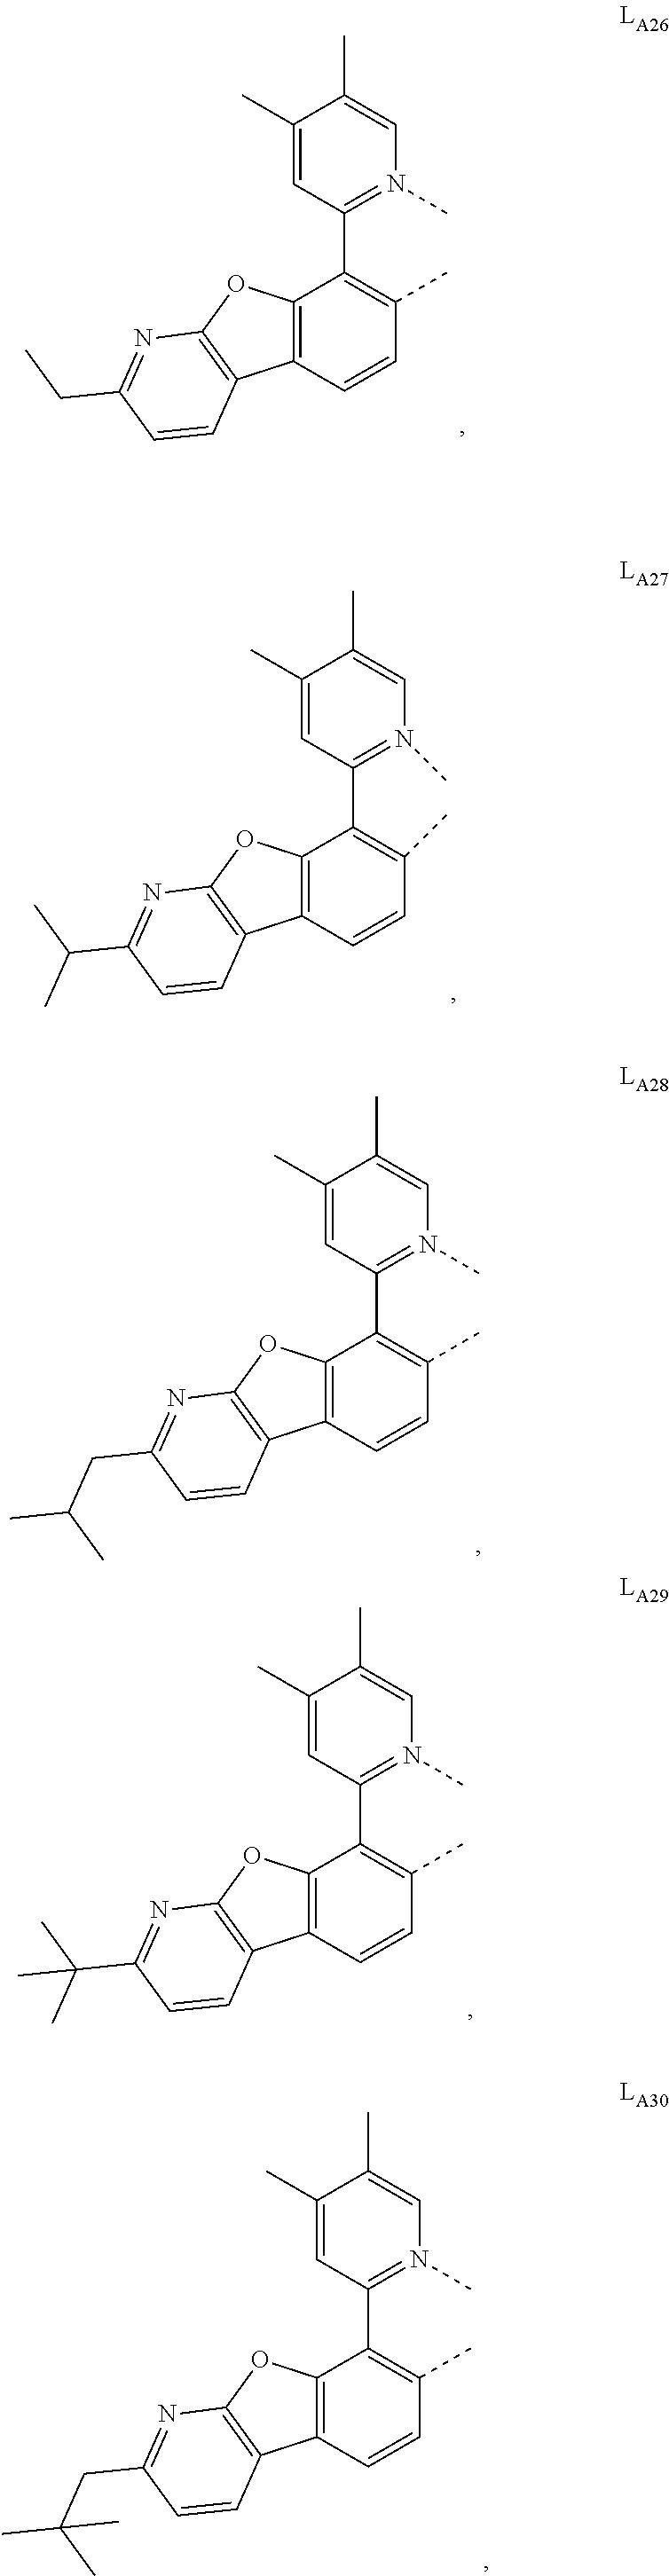 Figure US20160049599A1-20160218-C00406